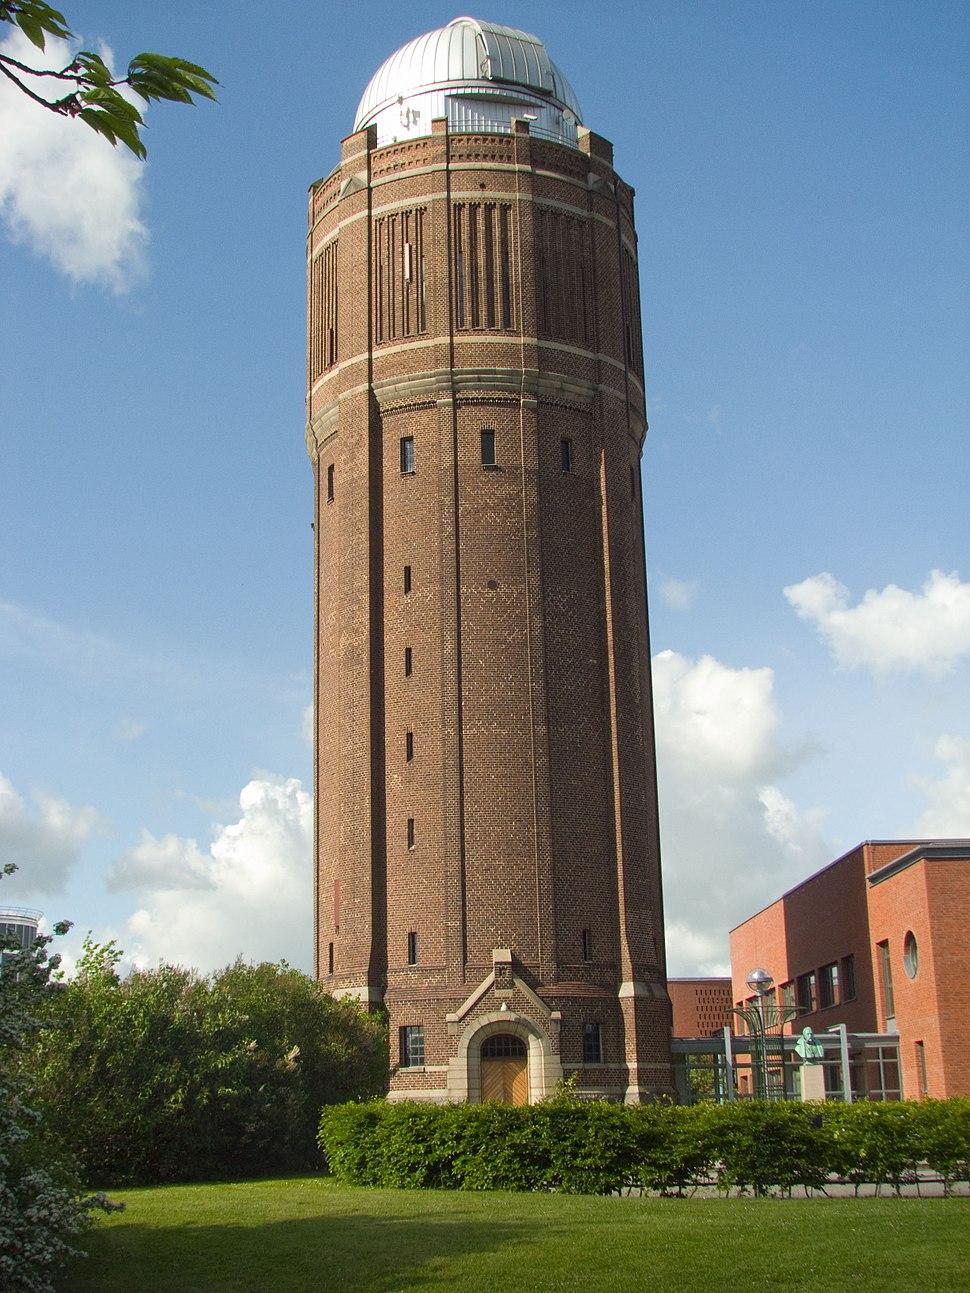 Lund University observatory